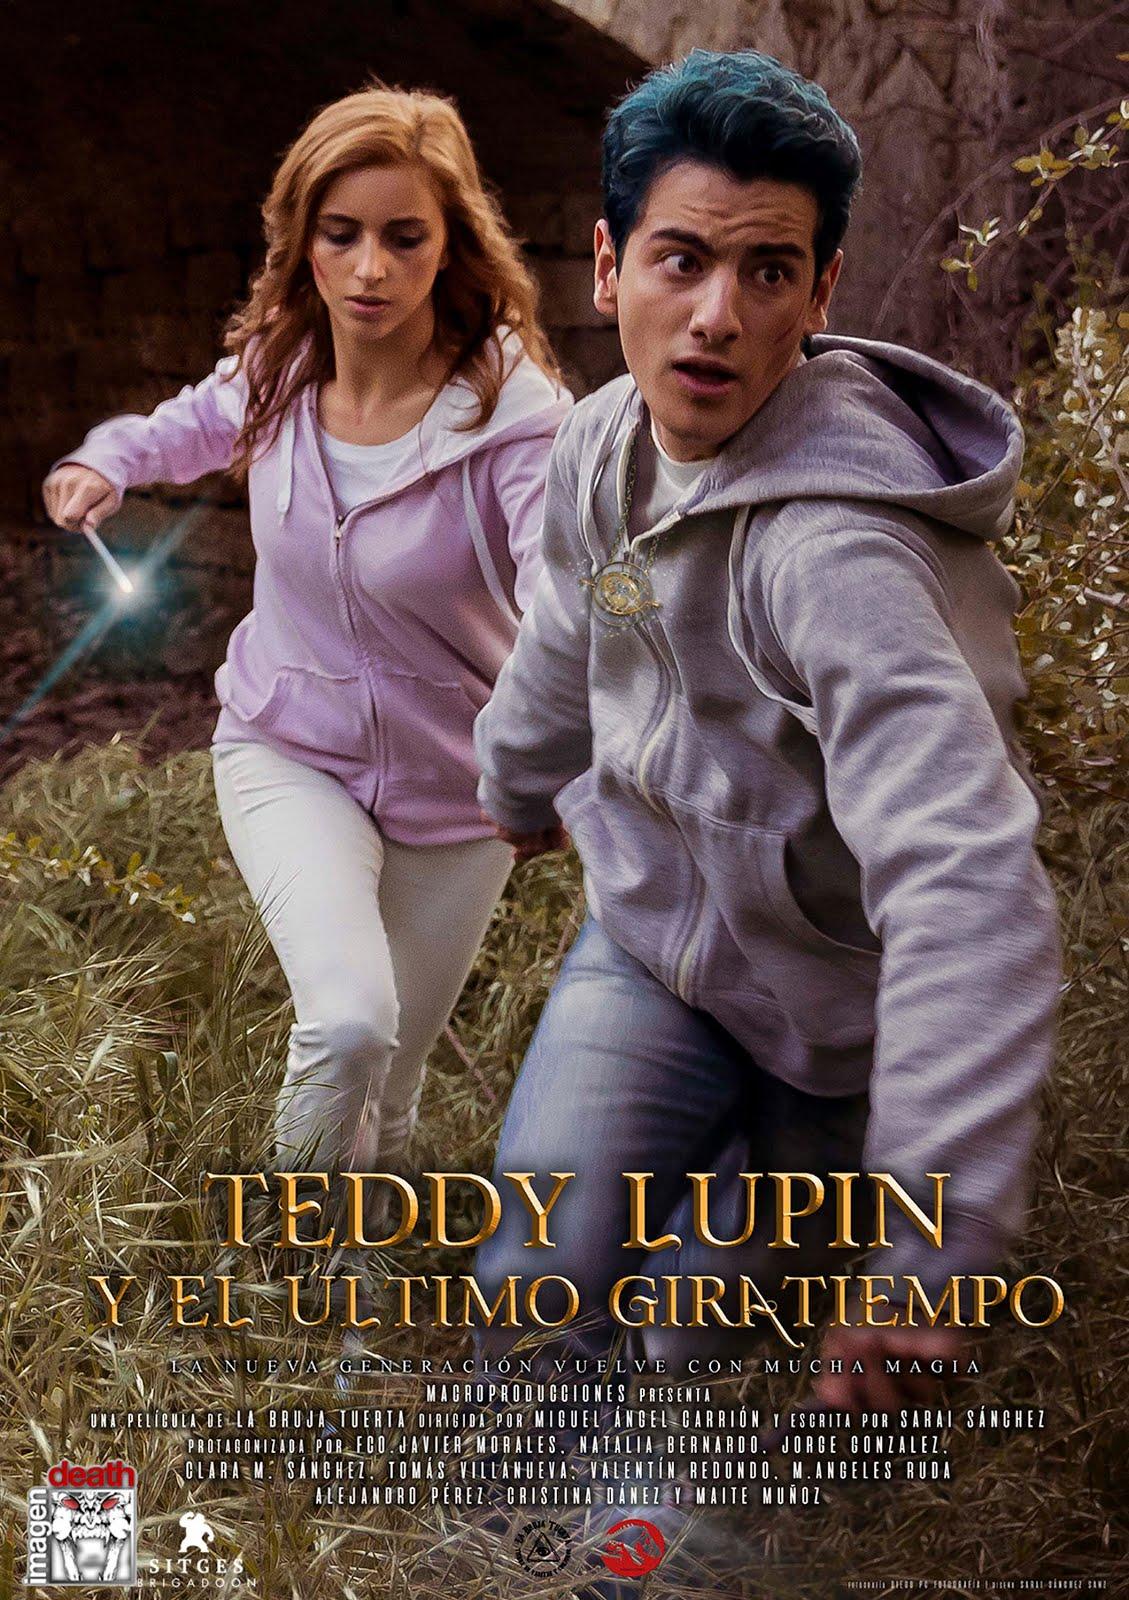 Teddy Lupin y el Último Giratiempo